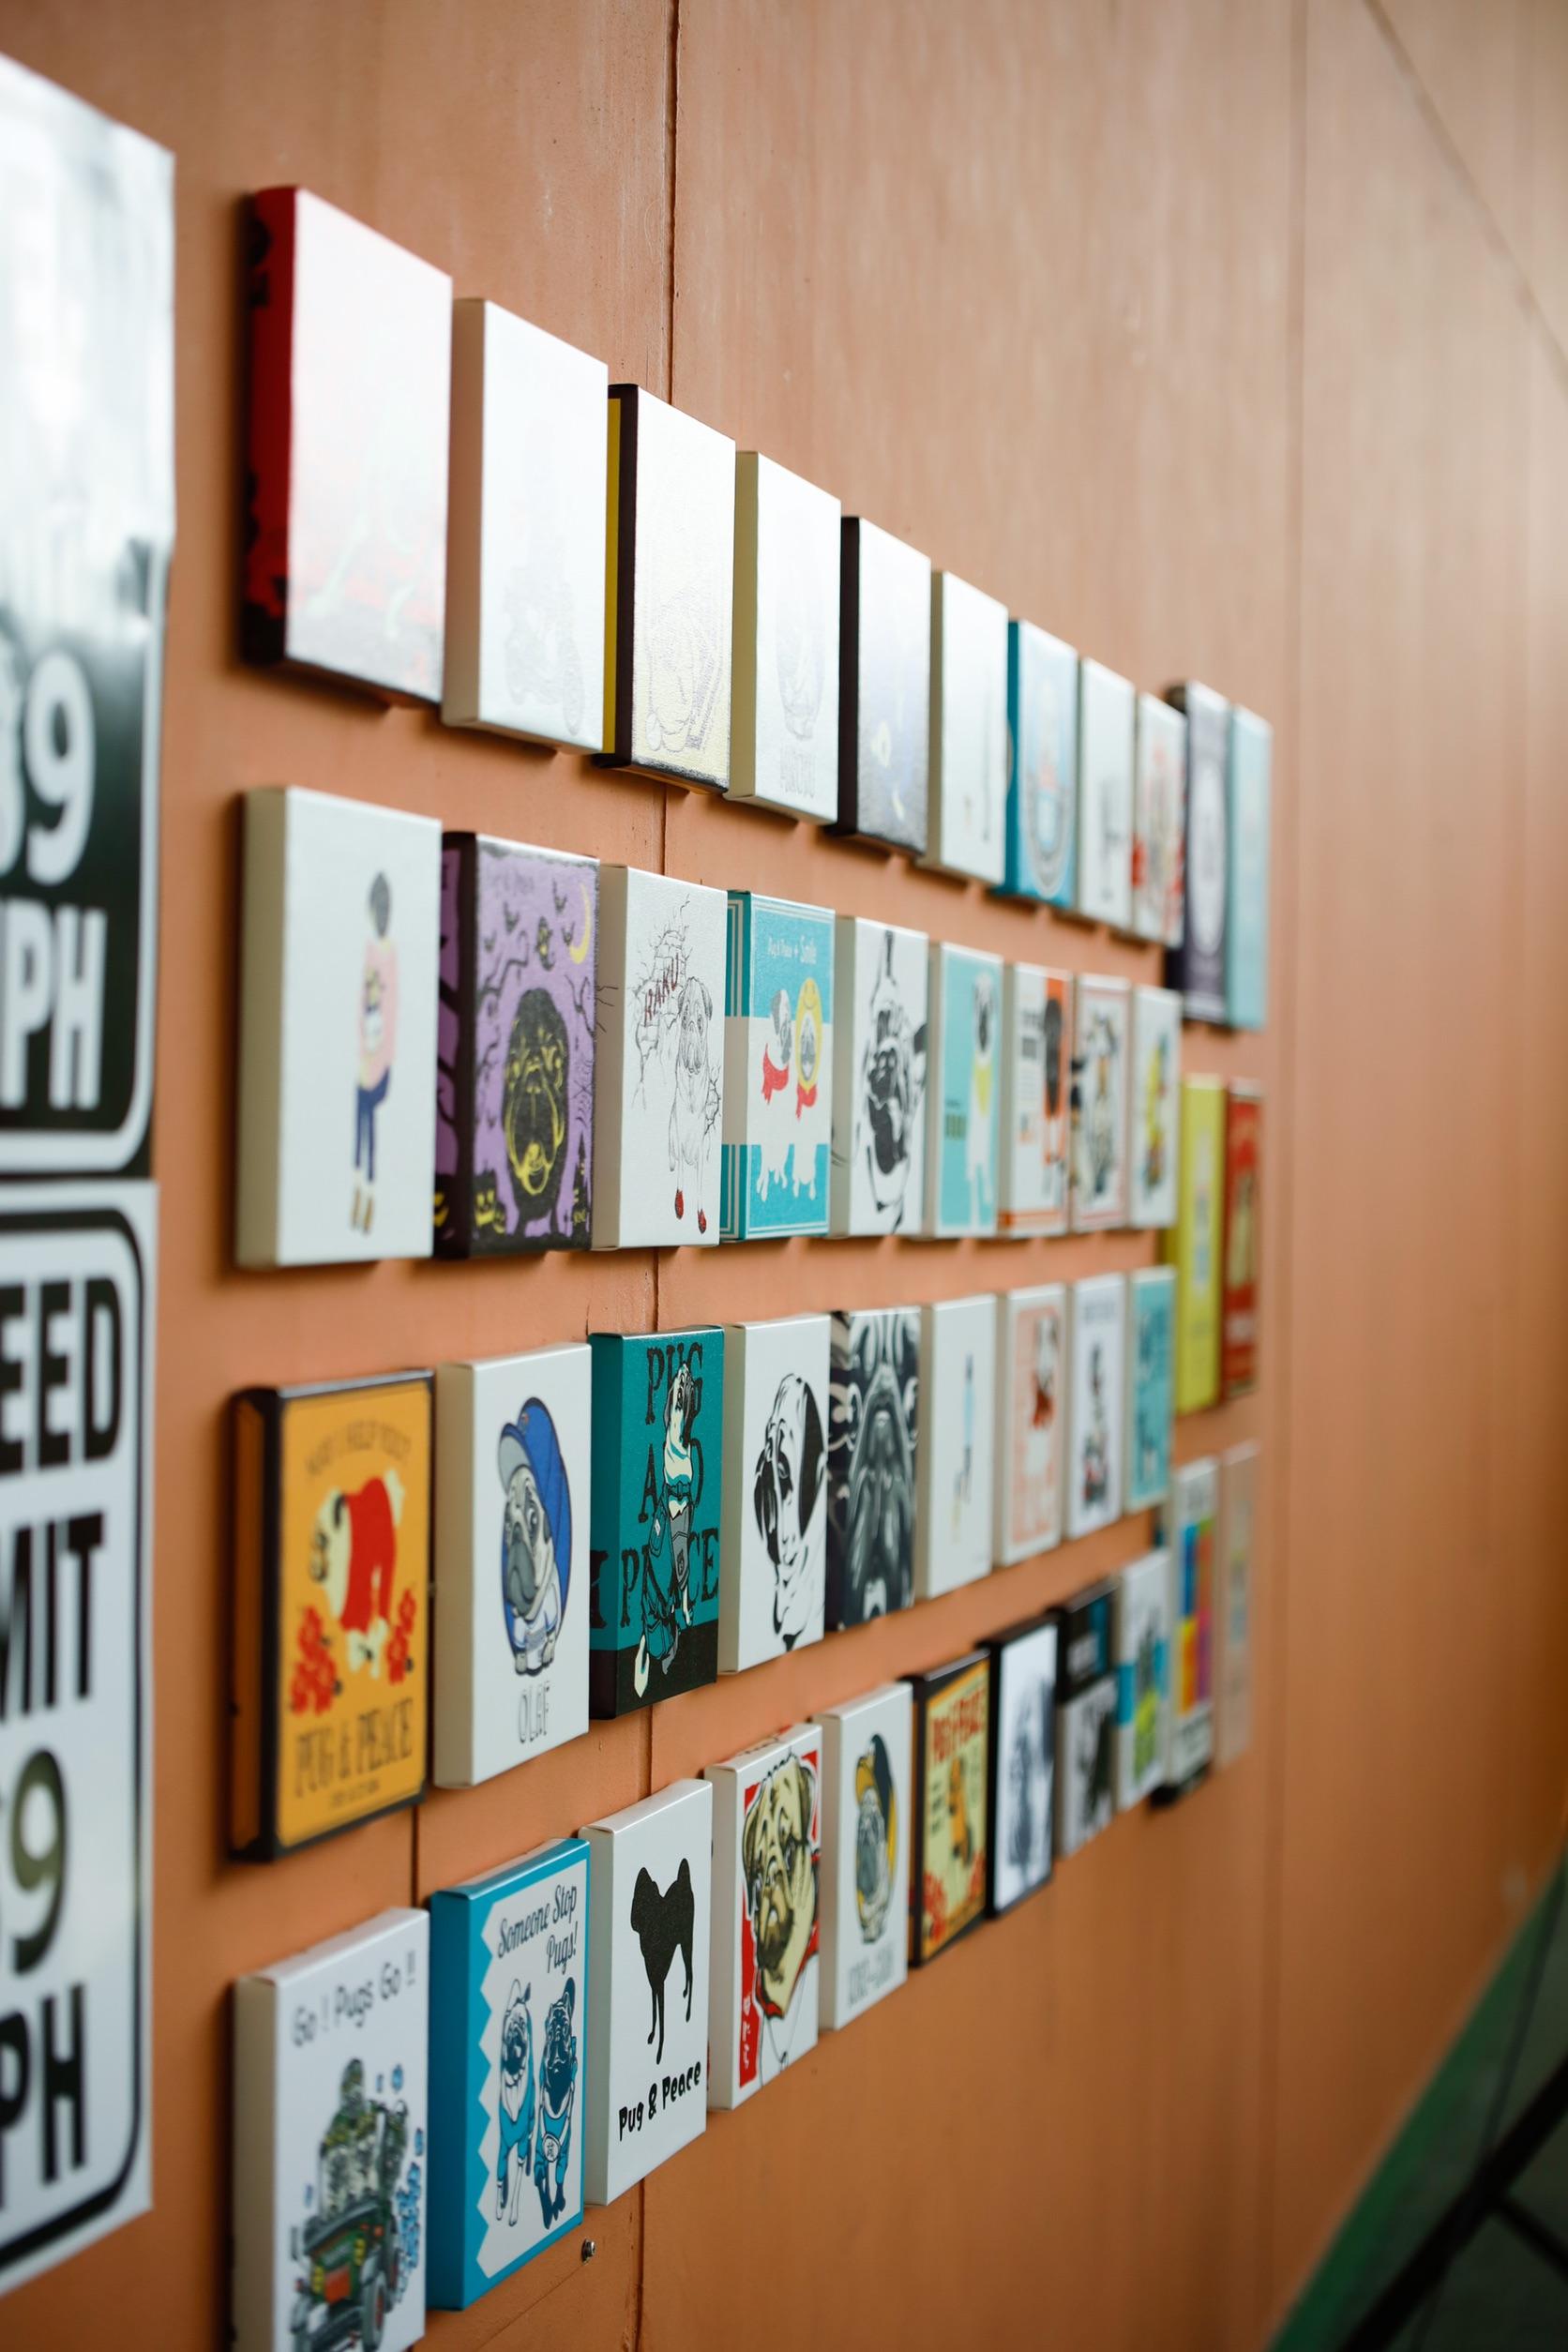 パグフェス20x21での作品展示